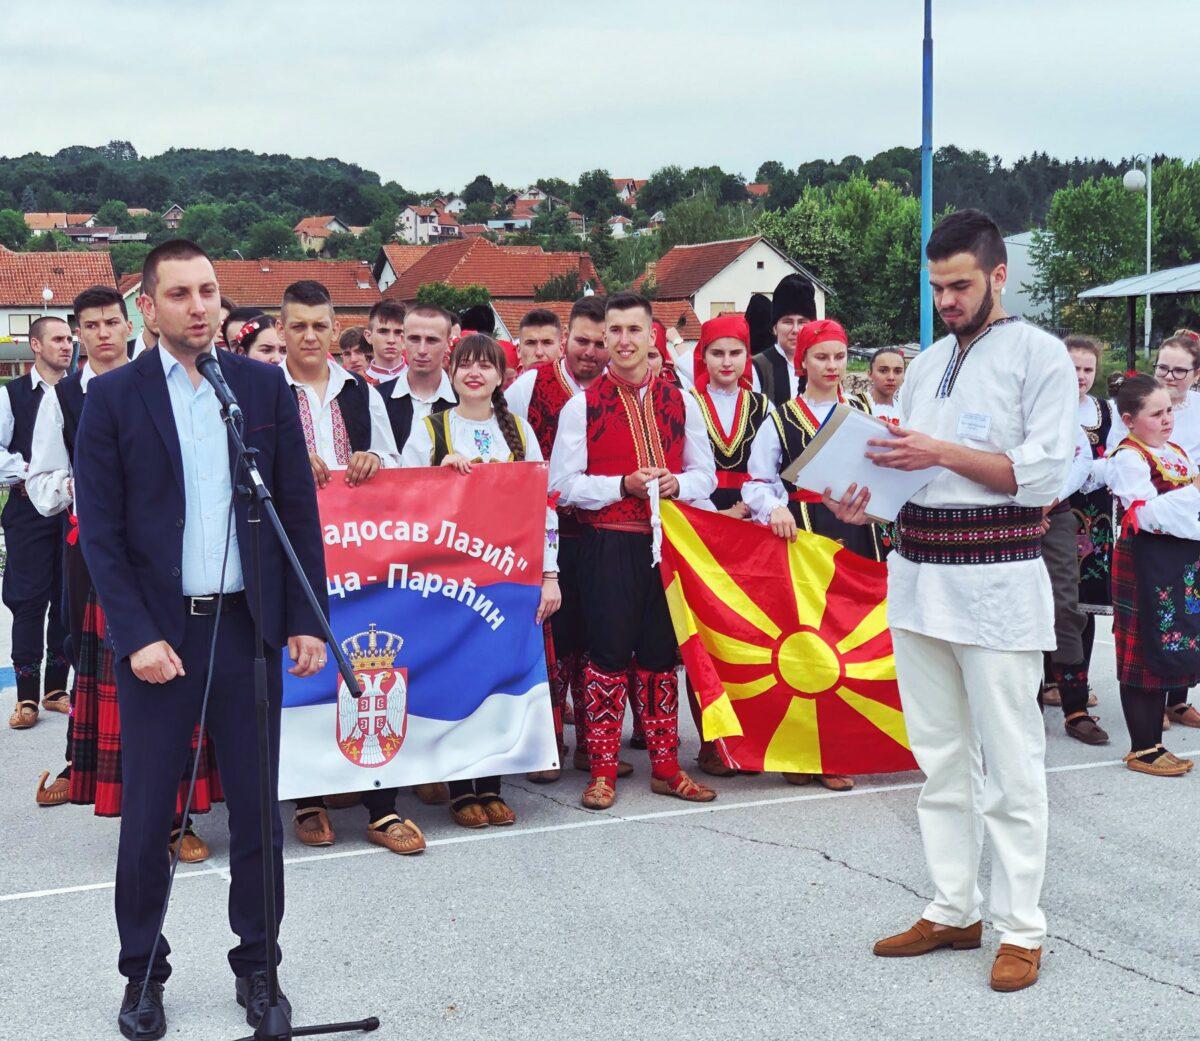 Obraćanje predsednika opštine, fotografija: Svrljiške novine, sva prava zadržana